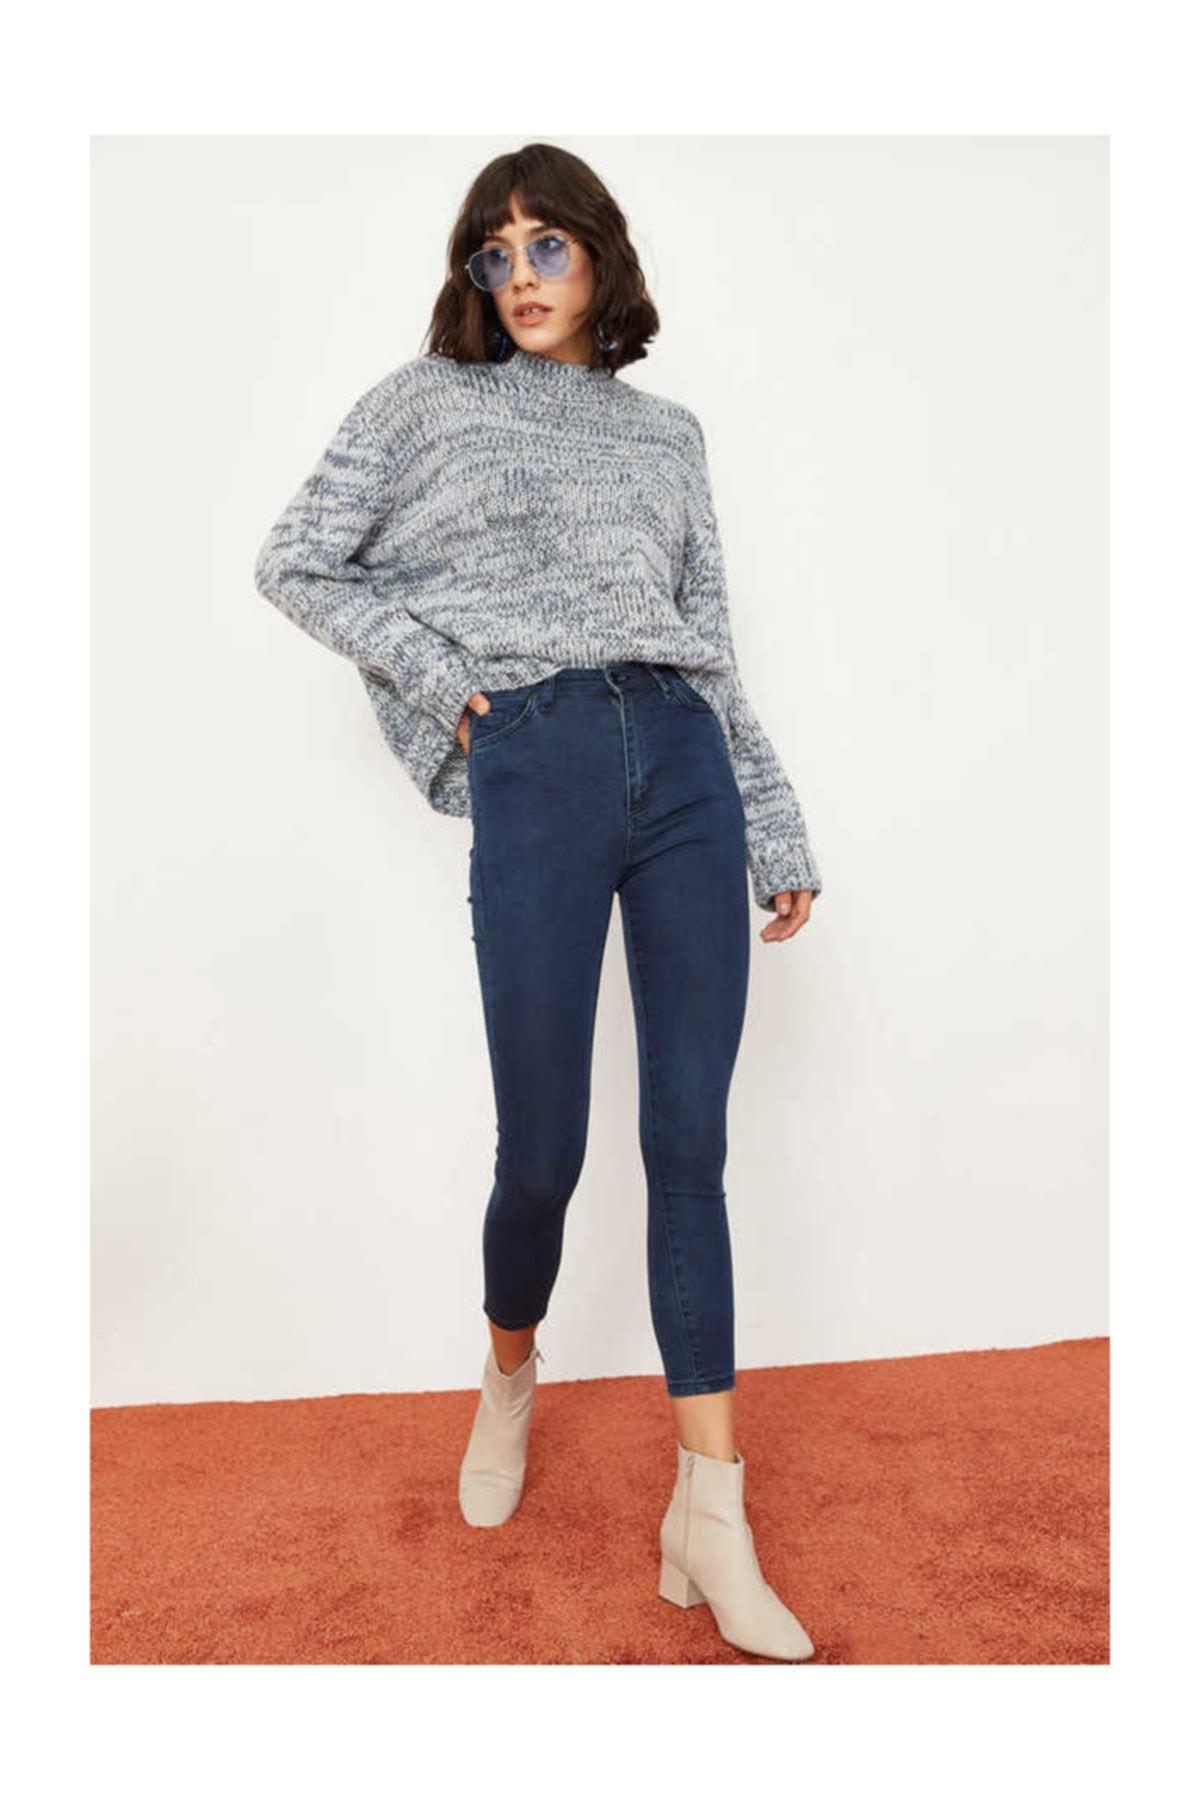 Bianco Lucci Kadın İndigo Likralı Yüksek Bel Skinny Jeans 2915864 2